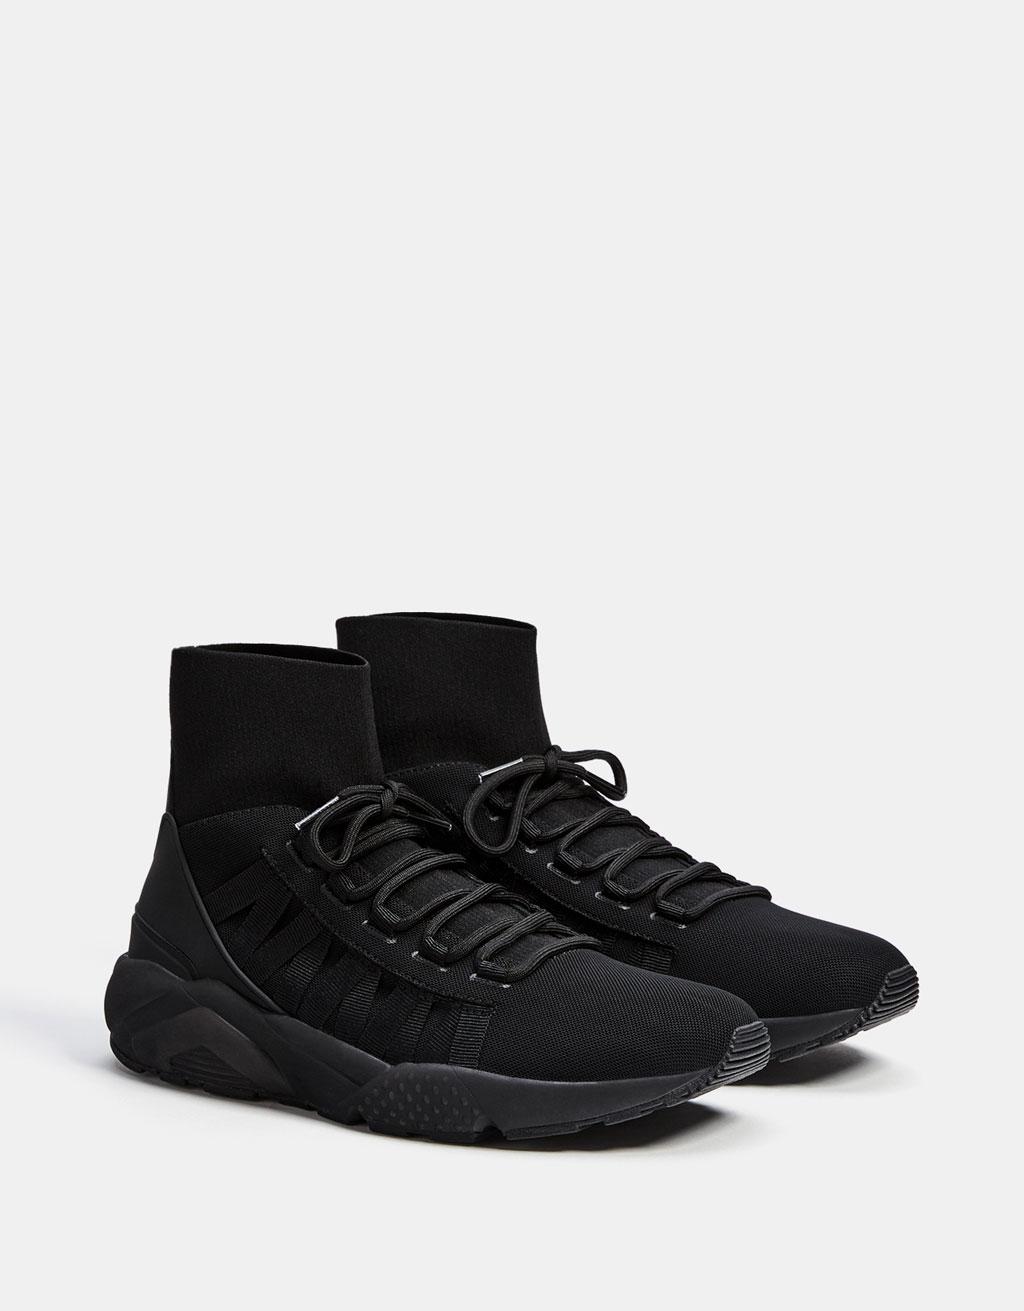 Sneakers stivaletto calzino suola tecnica uomo